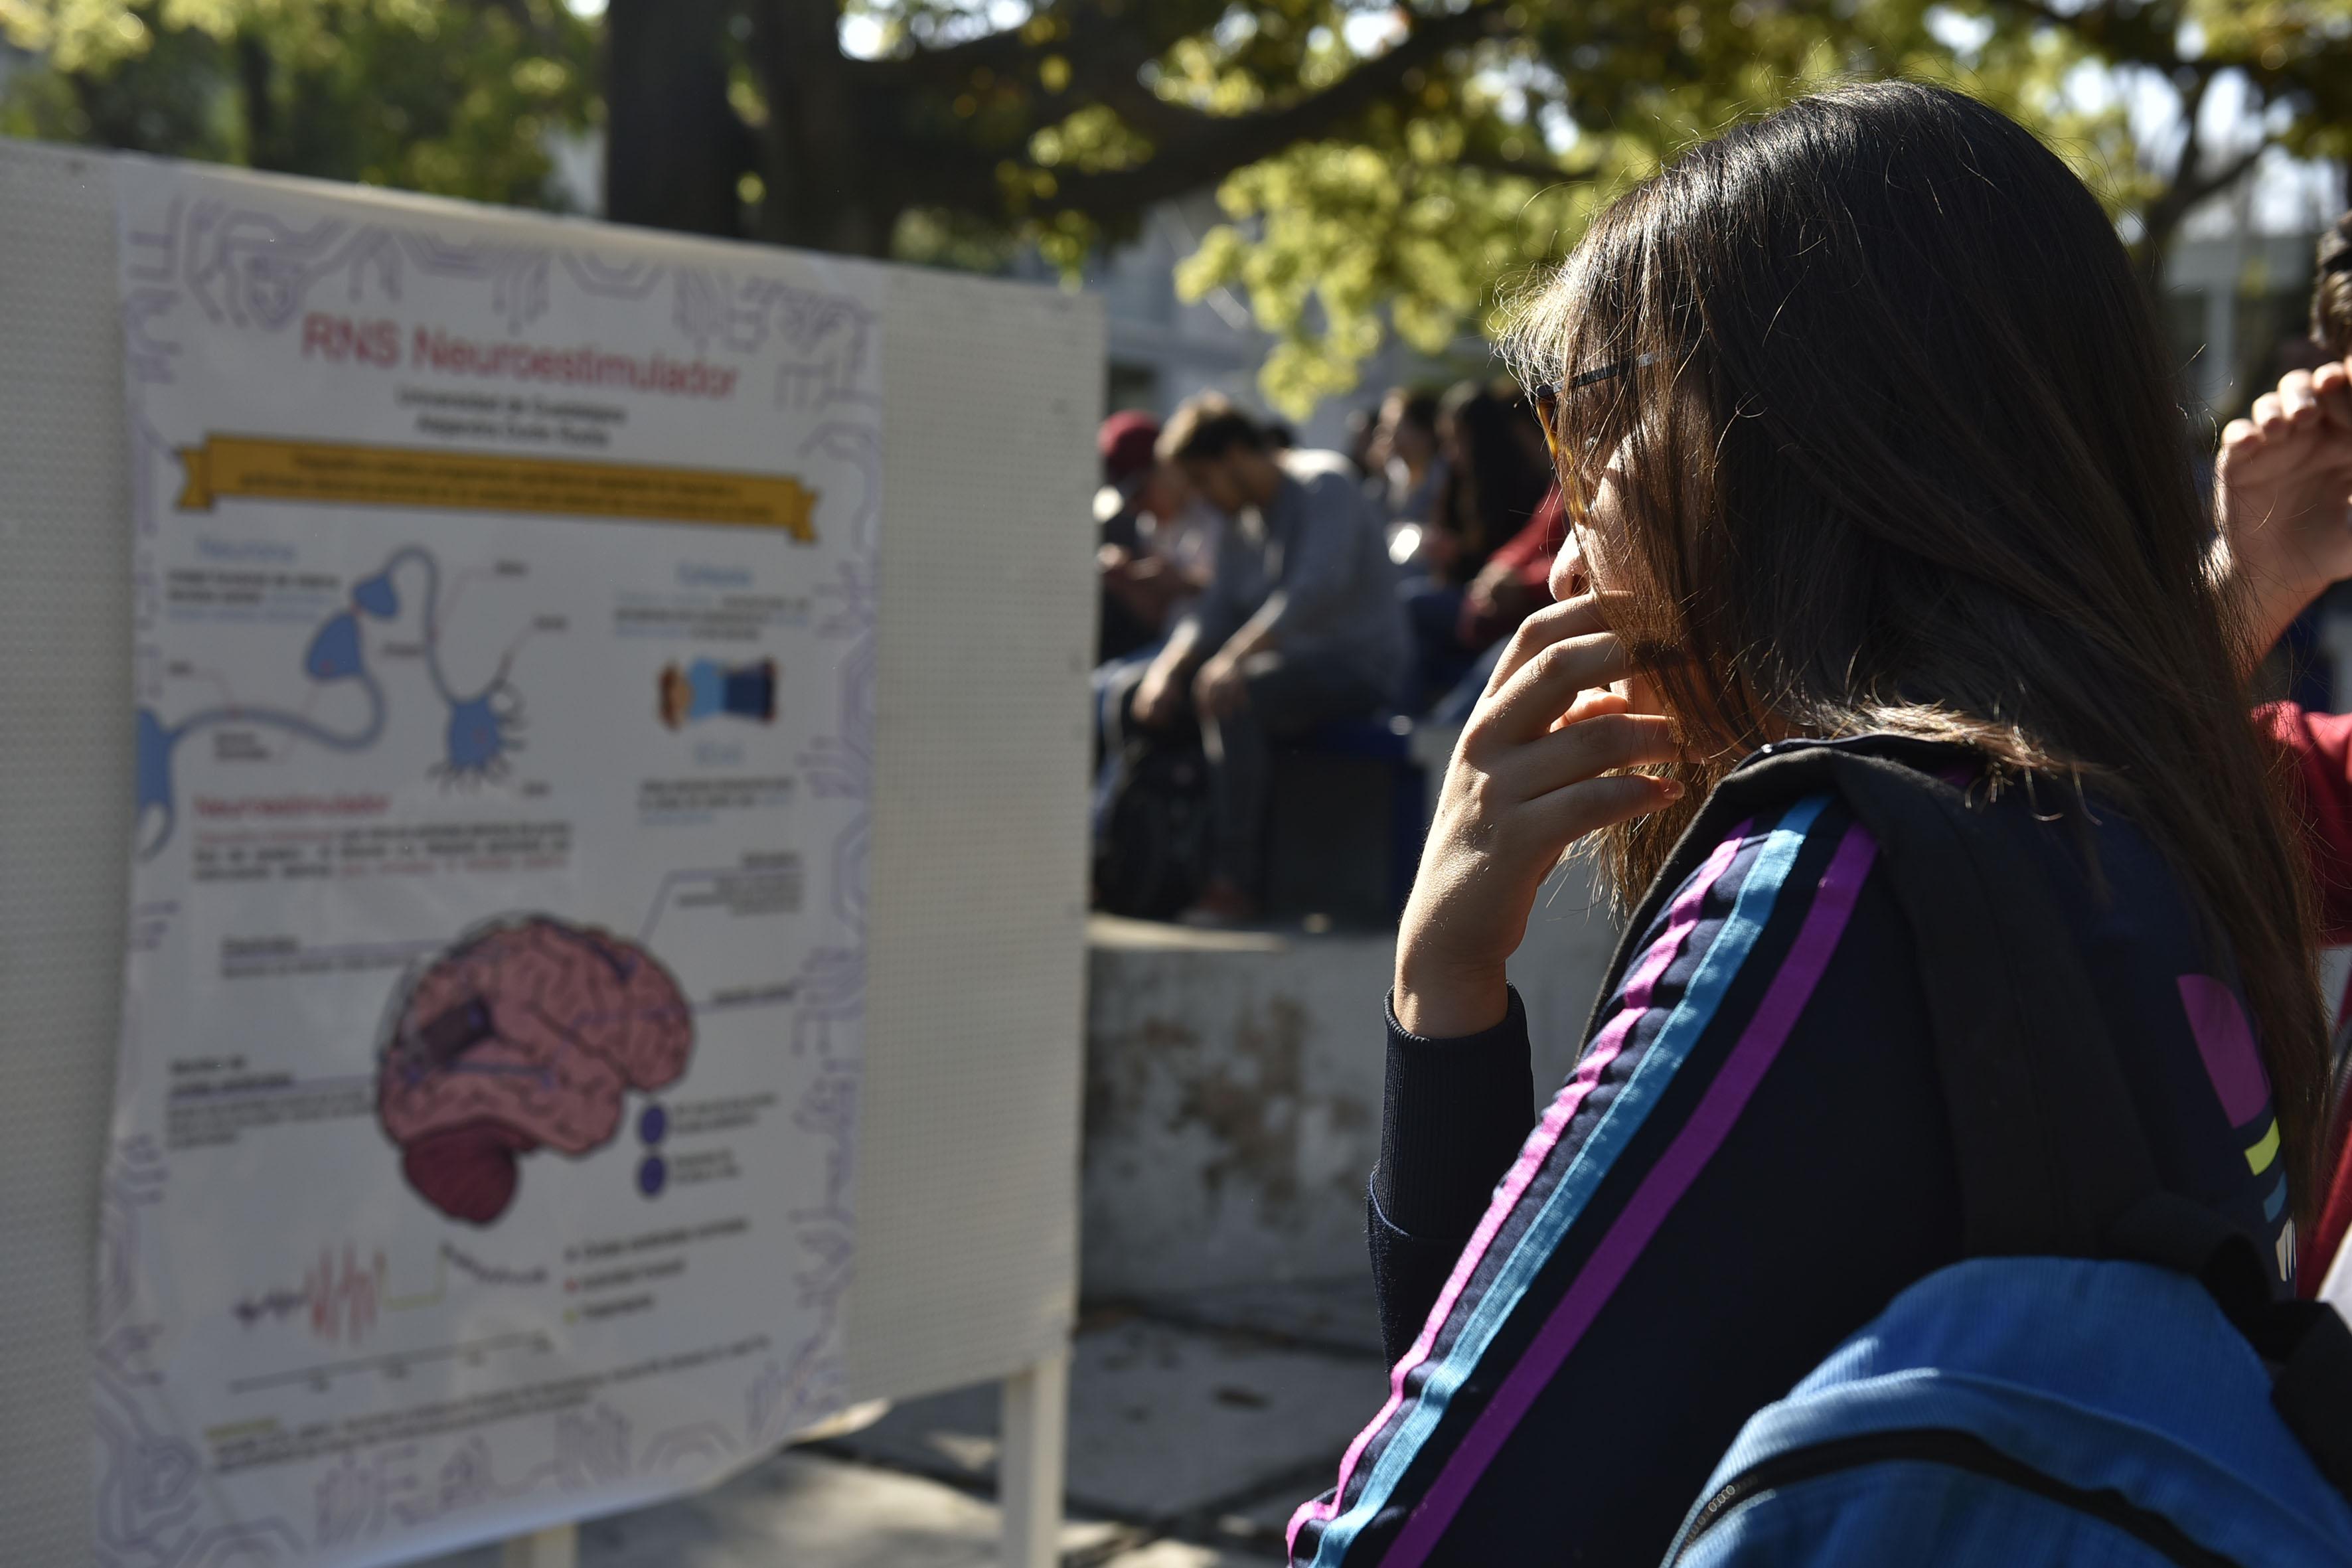 Estudiante del CUCEI observando un cartél de divulgación con referencia al RNS Neuroestimulador.